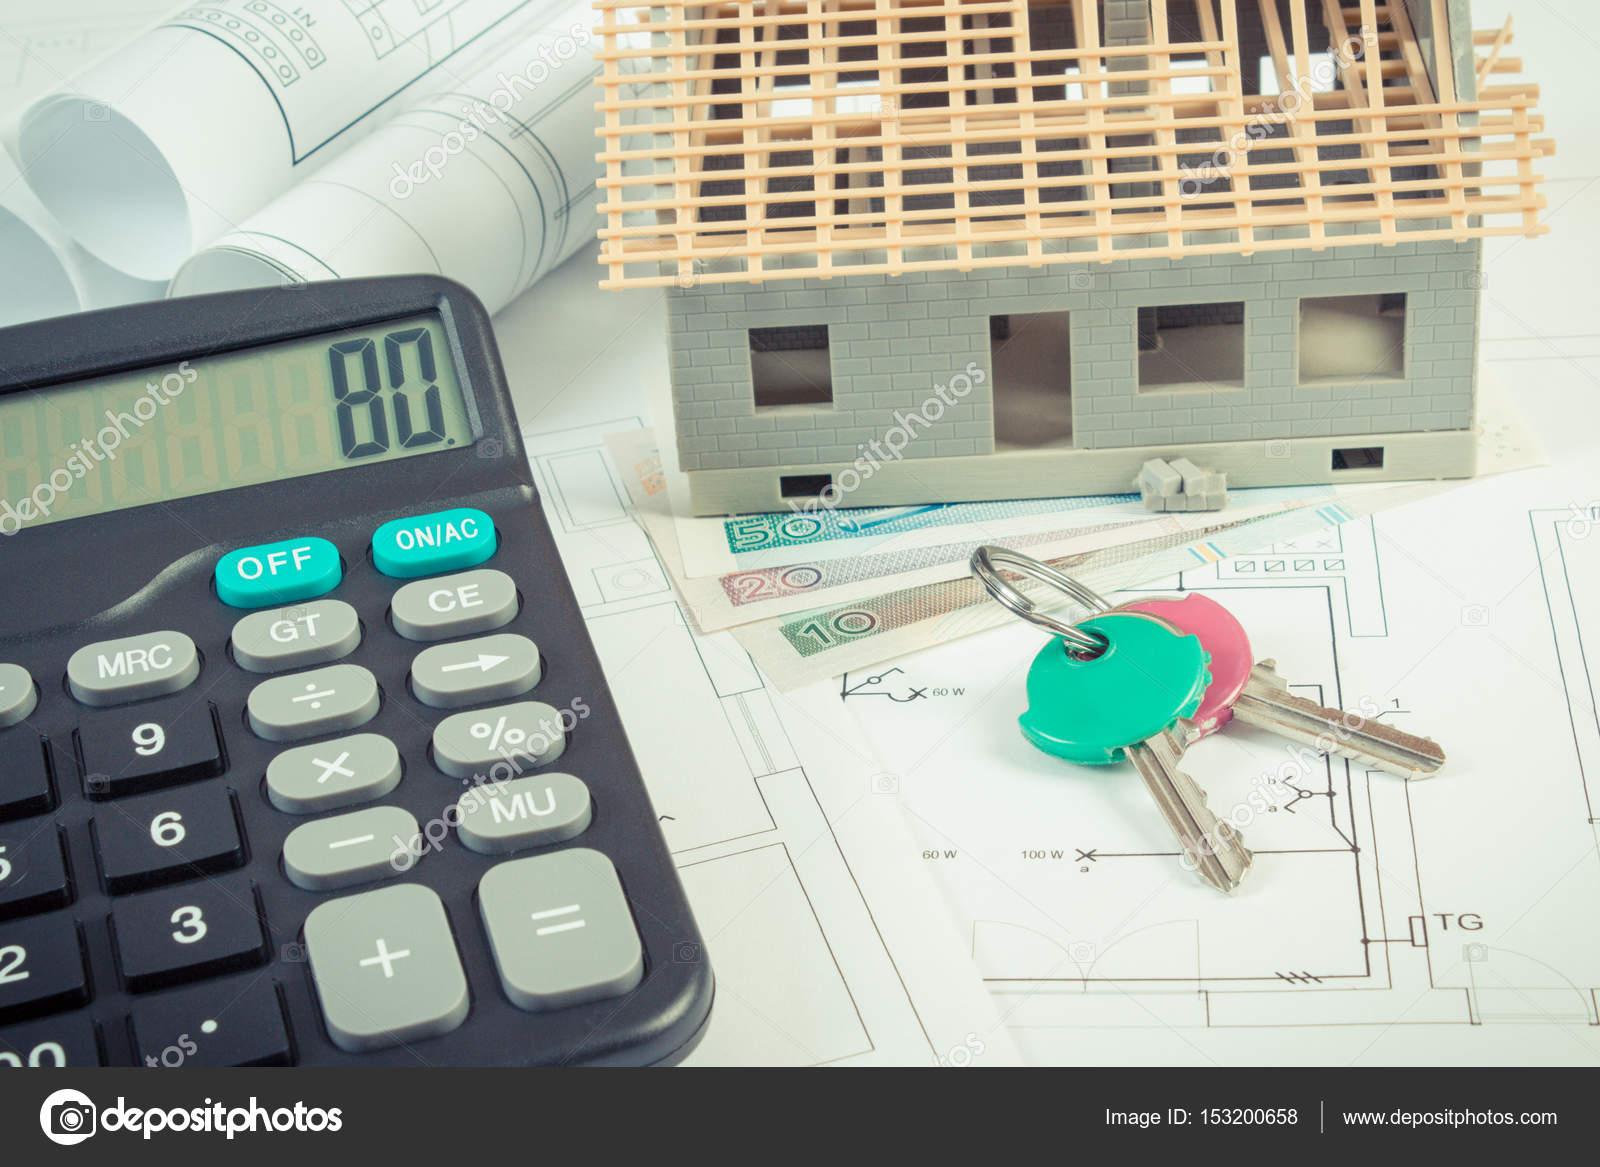 Haus Im Bau, Schlüssel, Taschenrechner Und Polnische Währung Geld Auf  Elektrische Zeichnungen Und Diagramme